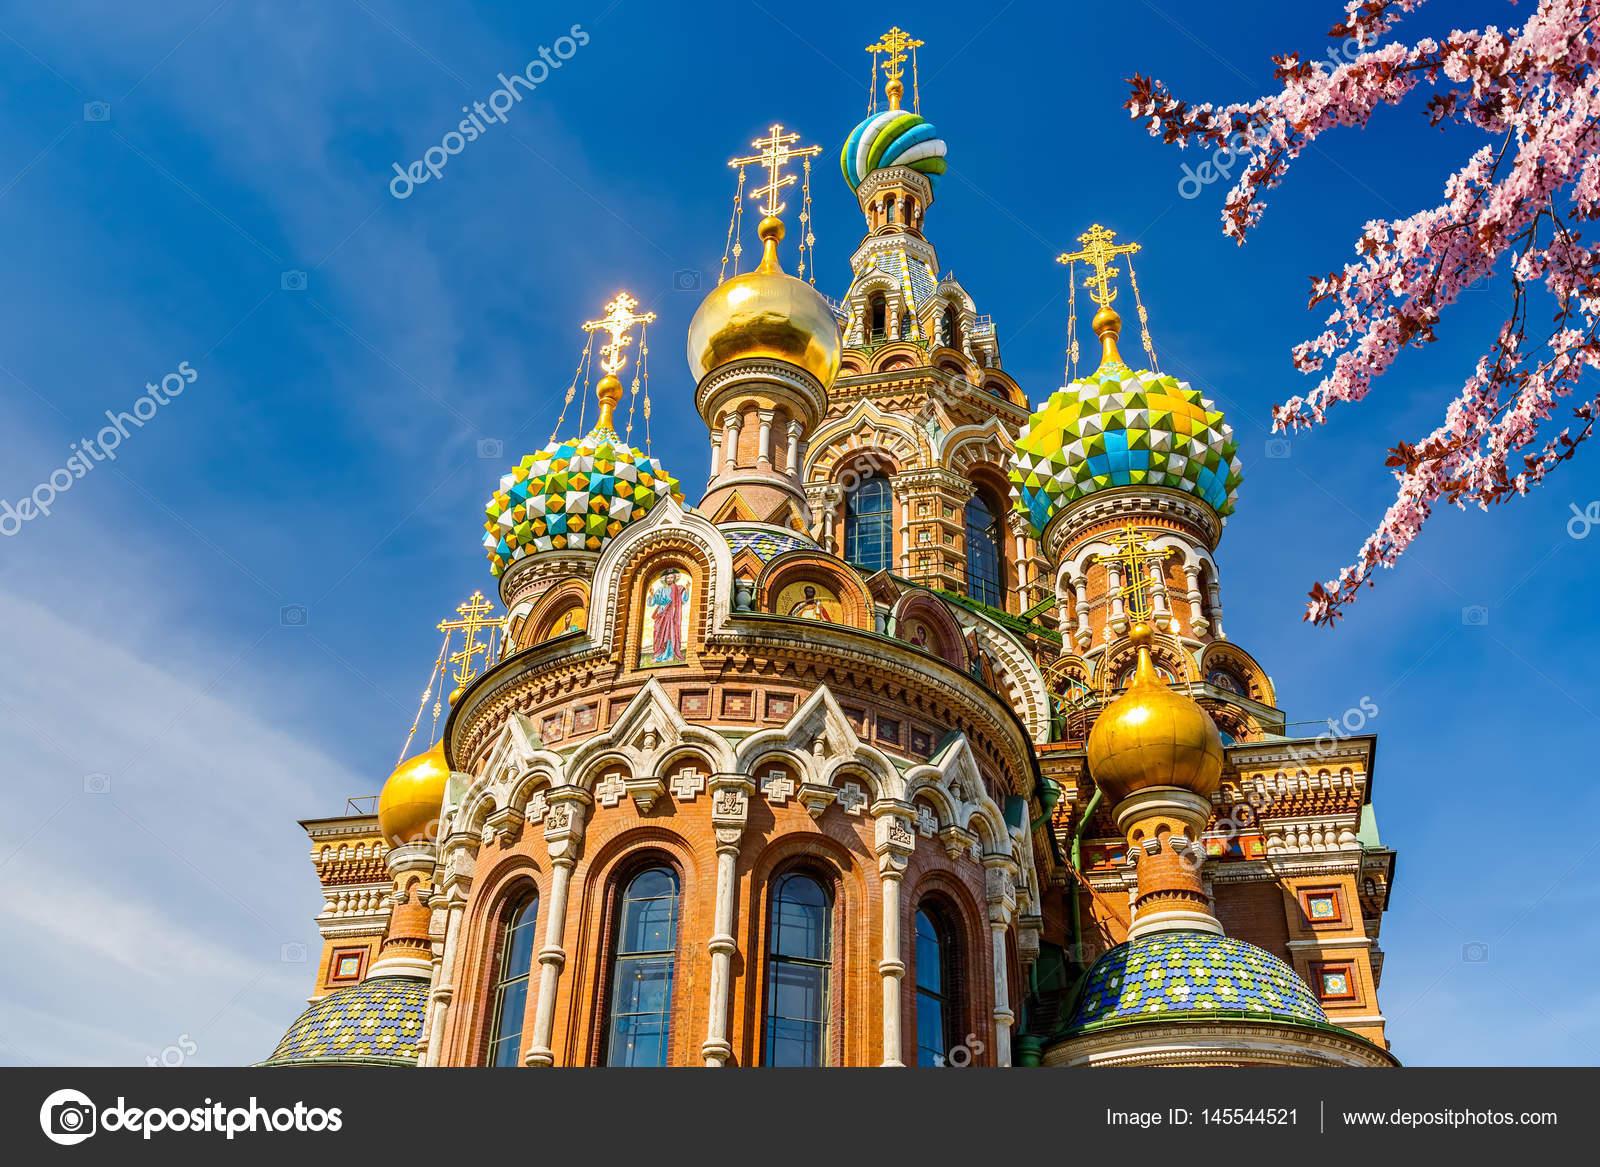 滴血教堂图片_滴血的救世主大教堂 — 图库照片©sborisov#145544521